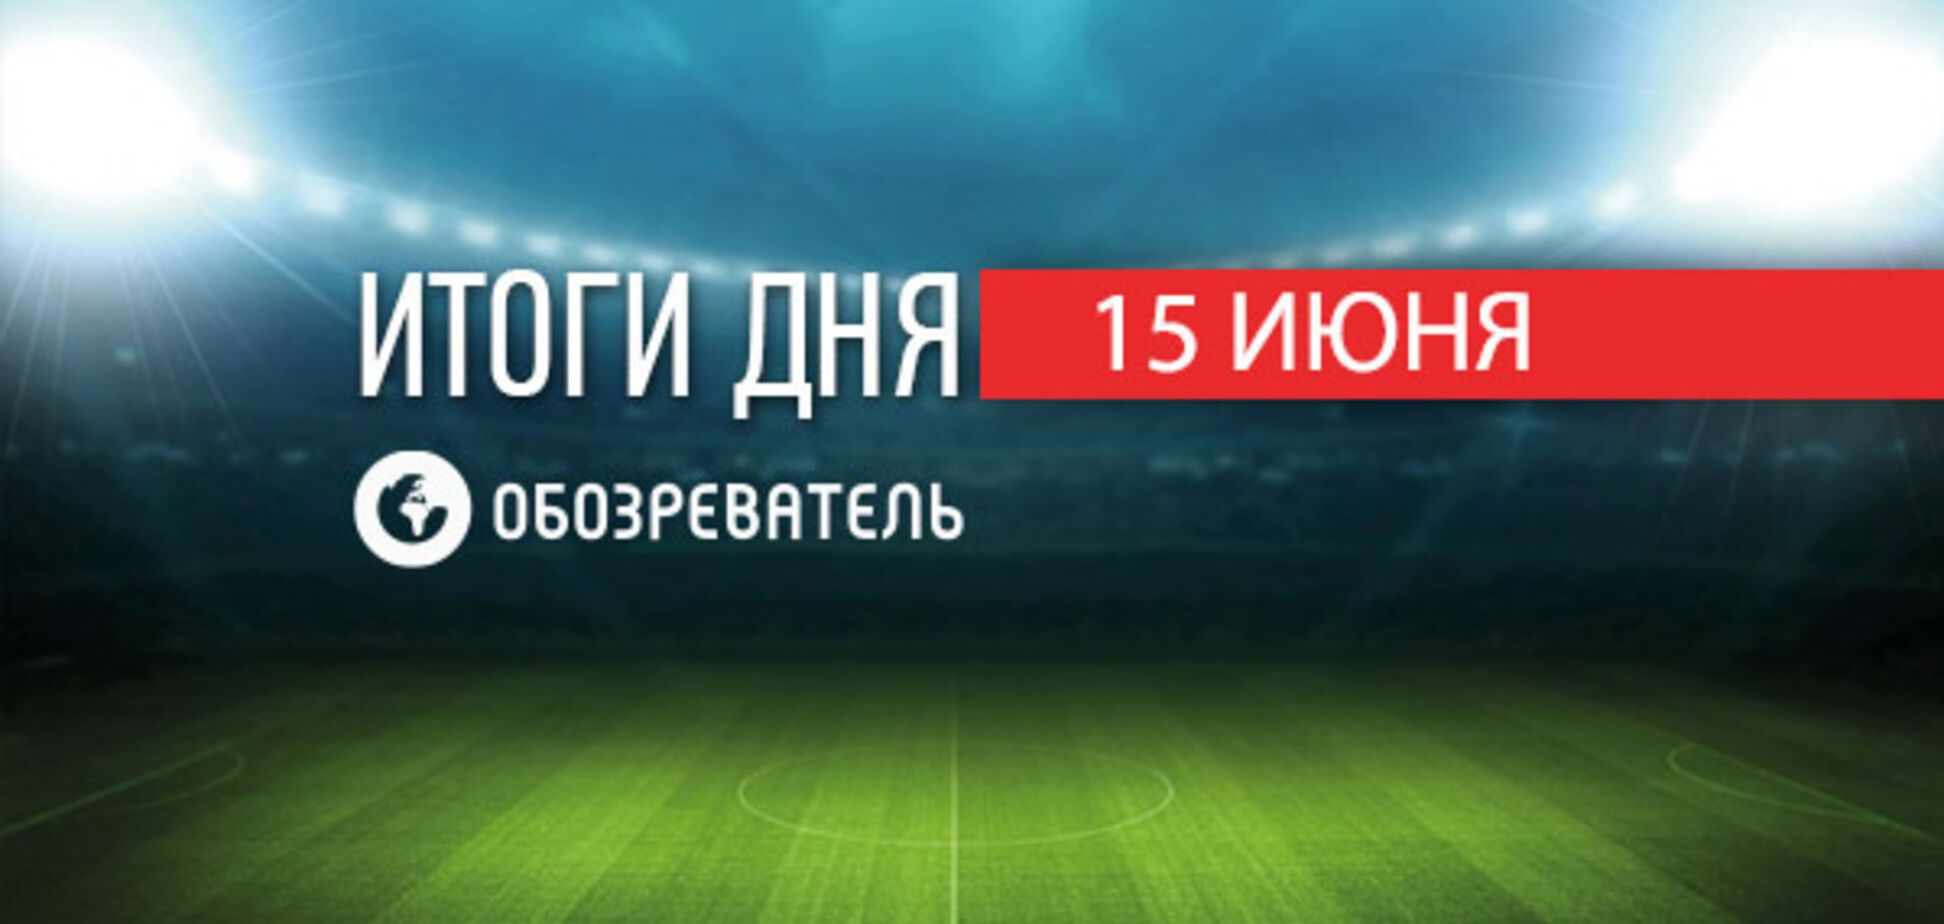 Украина стала чемпионом мира по футболу: спортивные итоги 15 июня